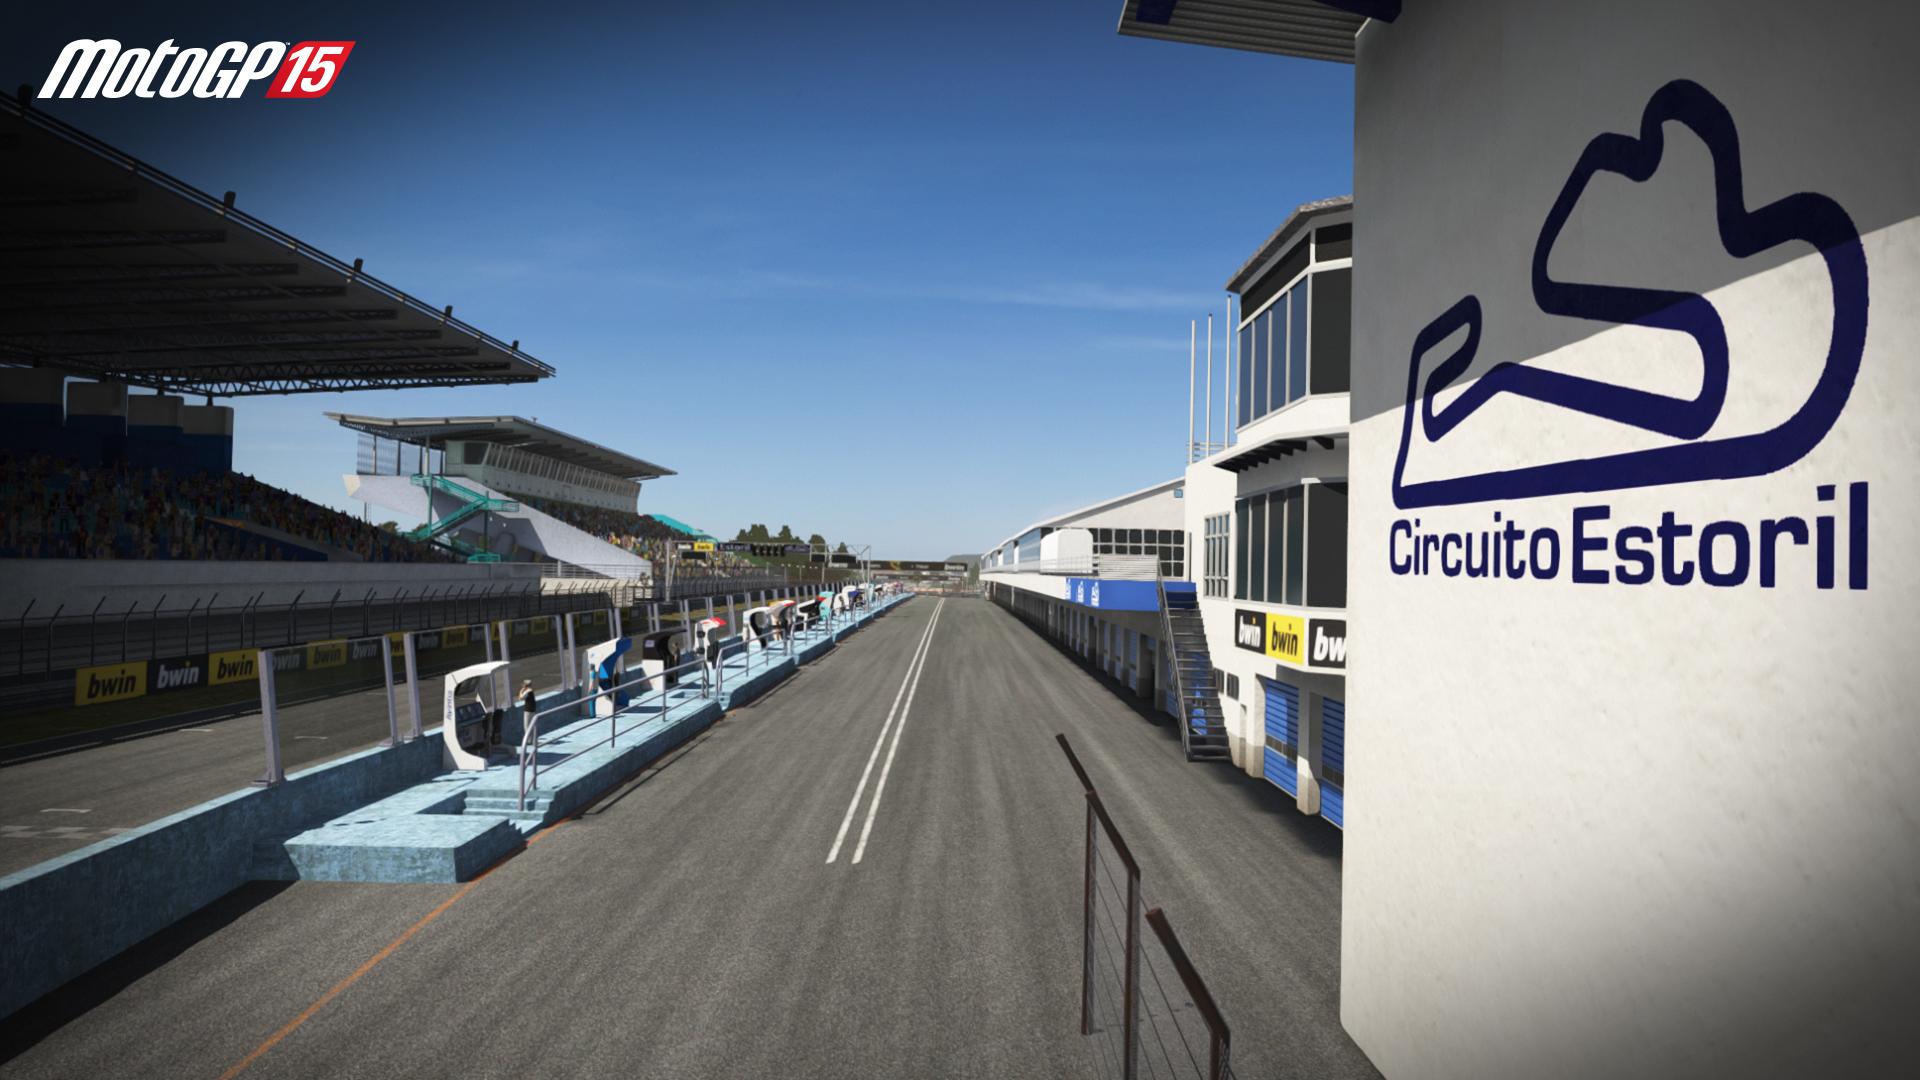 MotoGP15 GP de Portugal Circuito Estoril screenshot